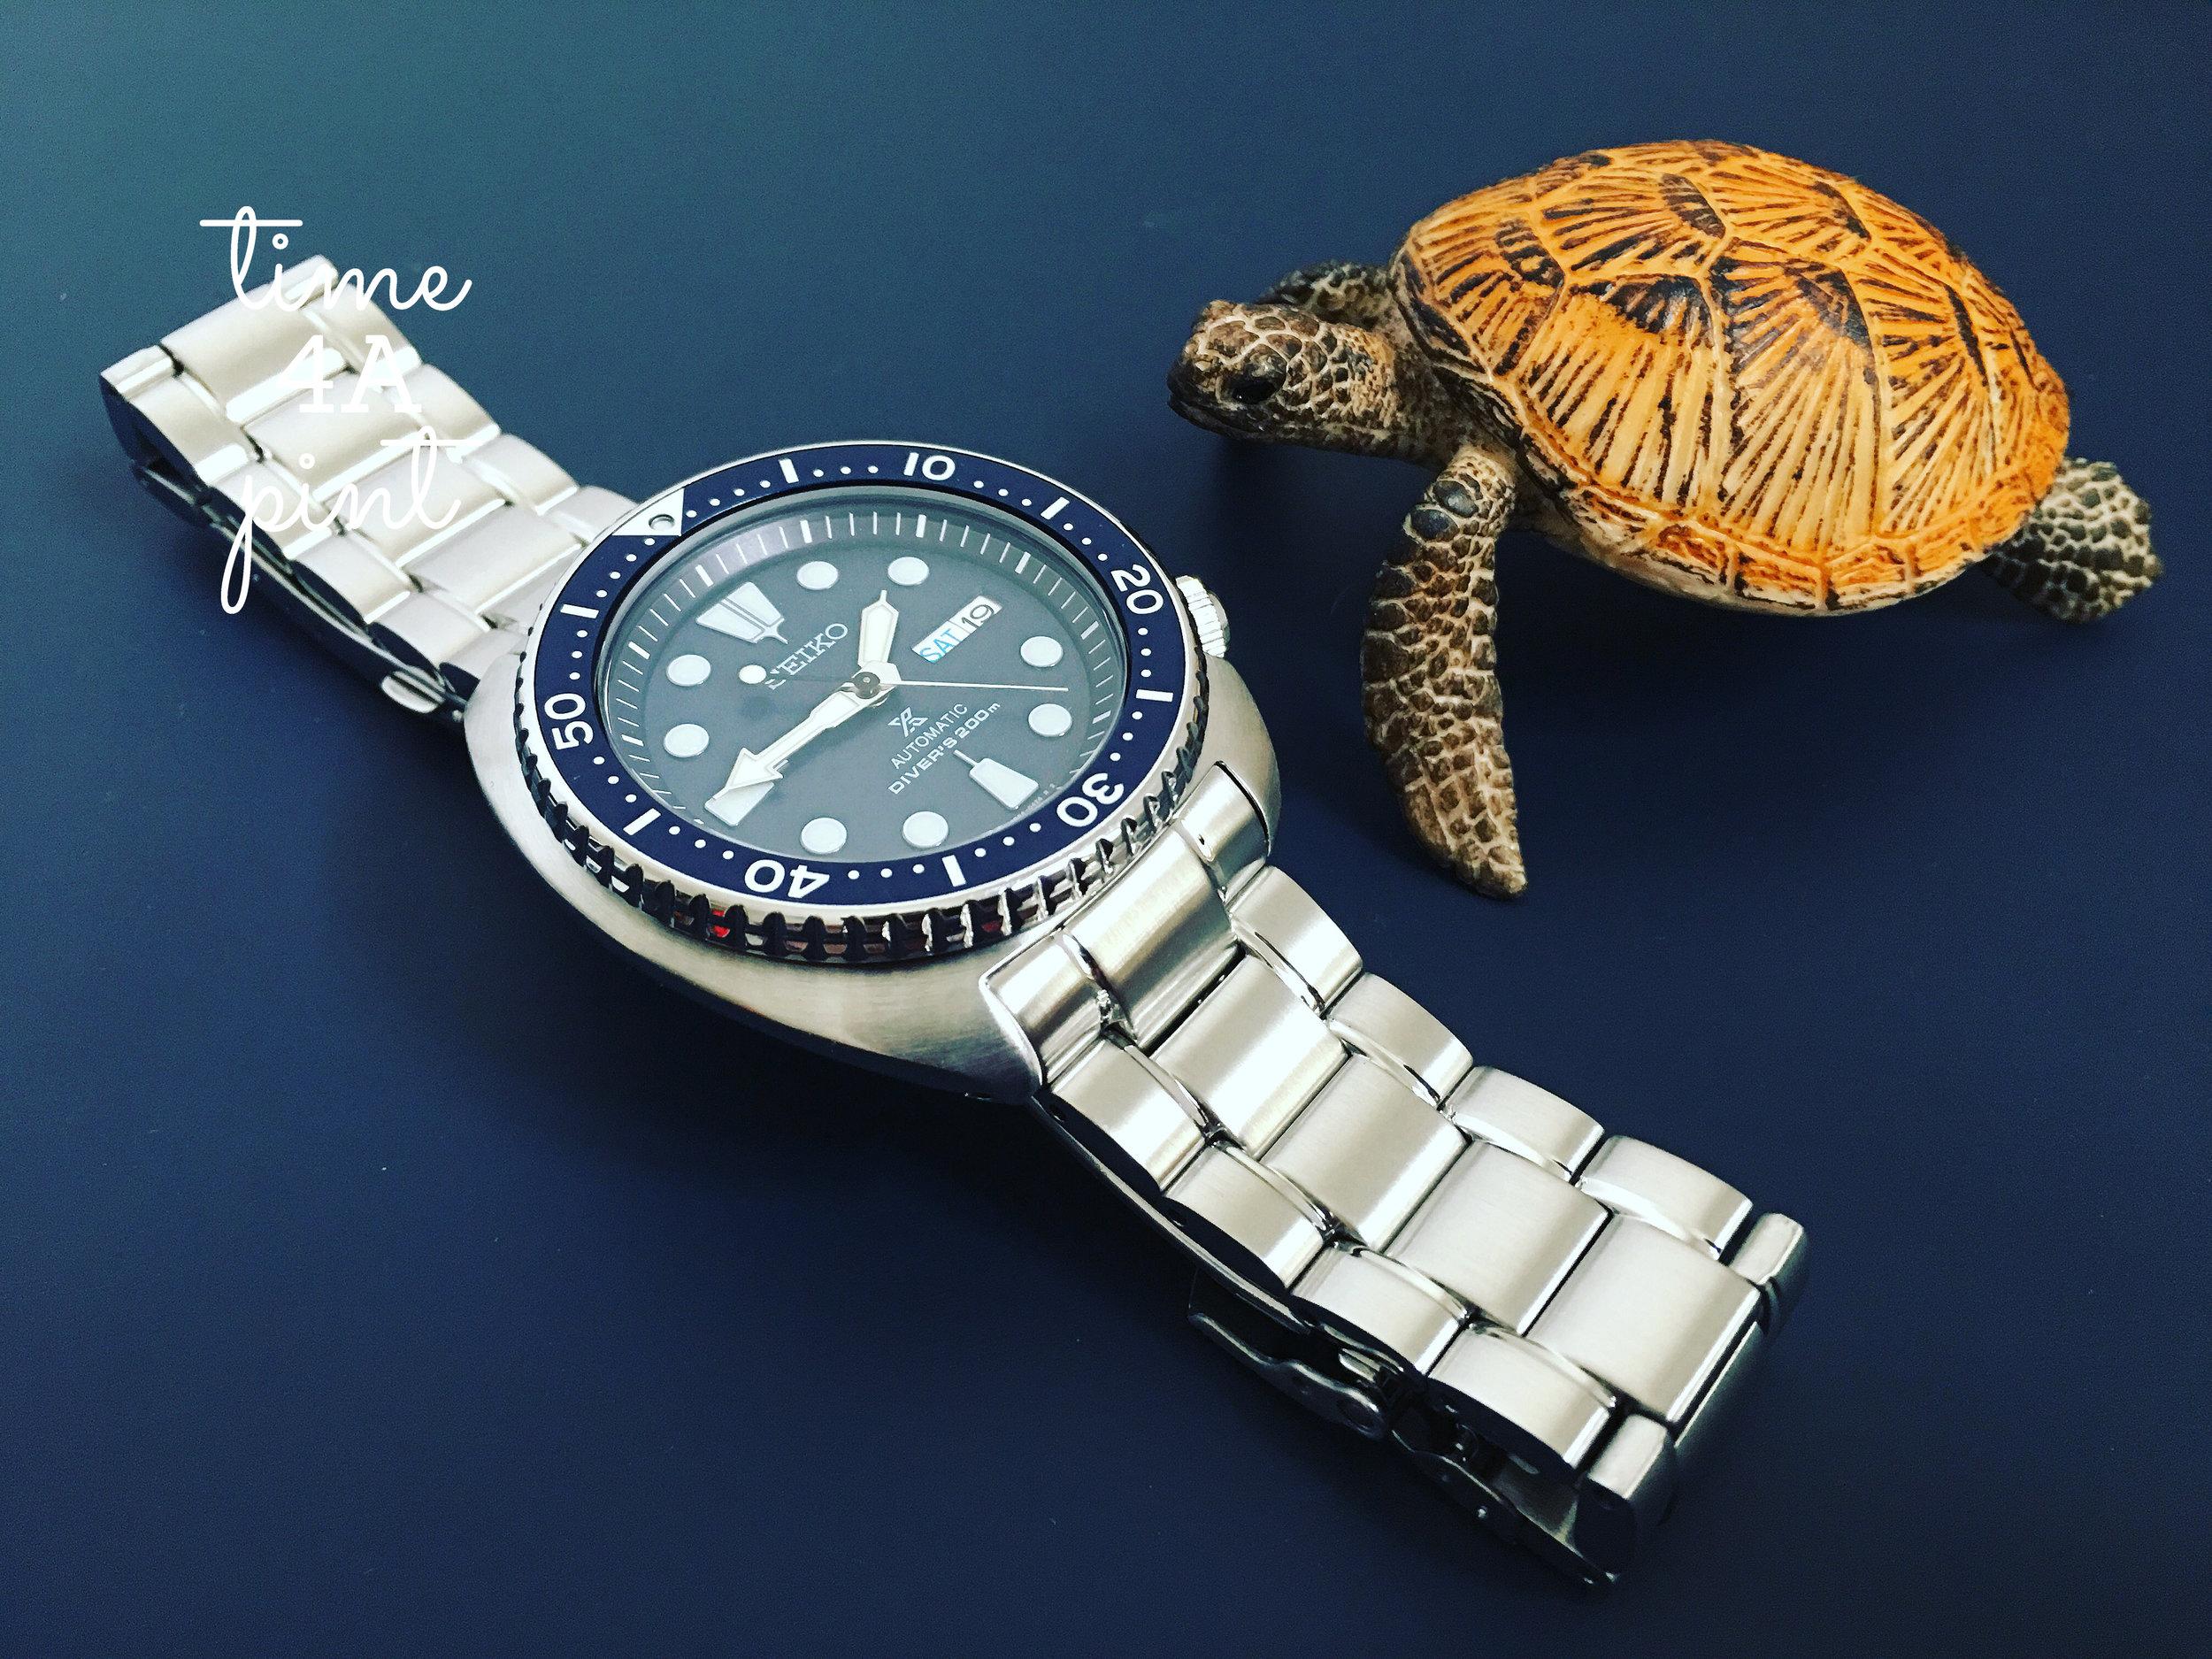 Seiko SRP773 Turtle